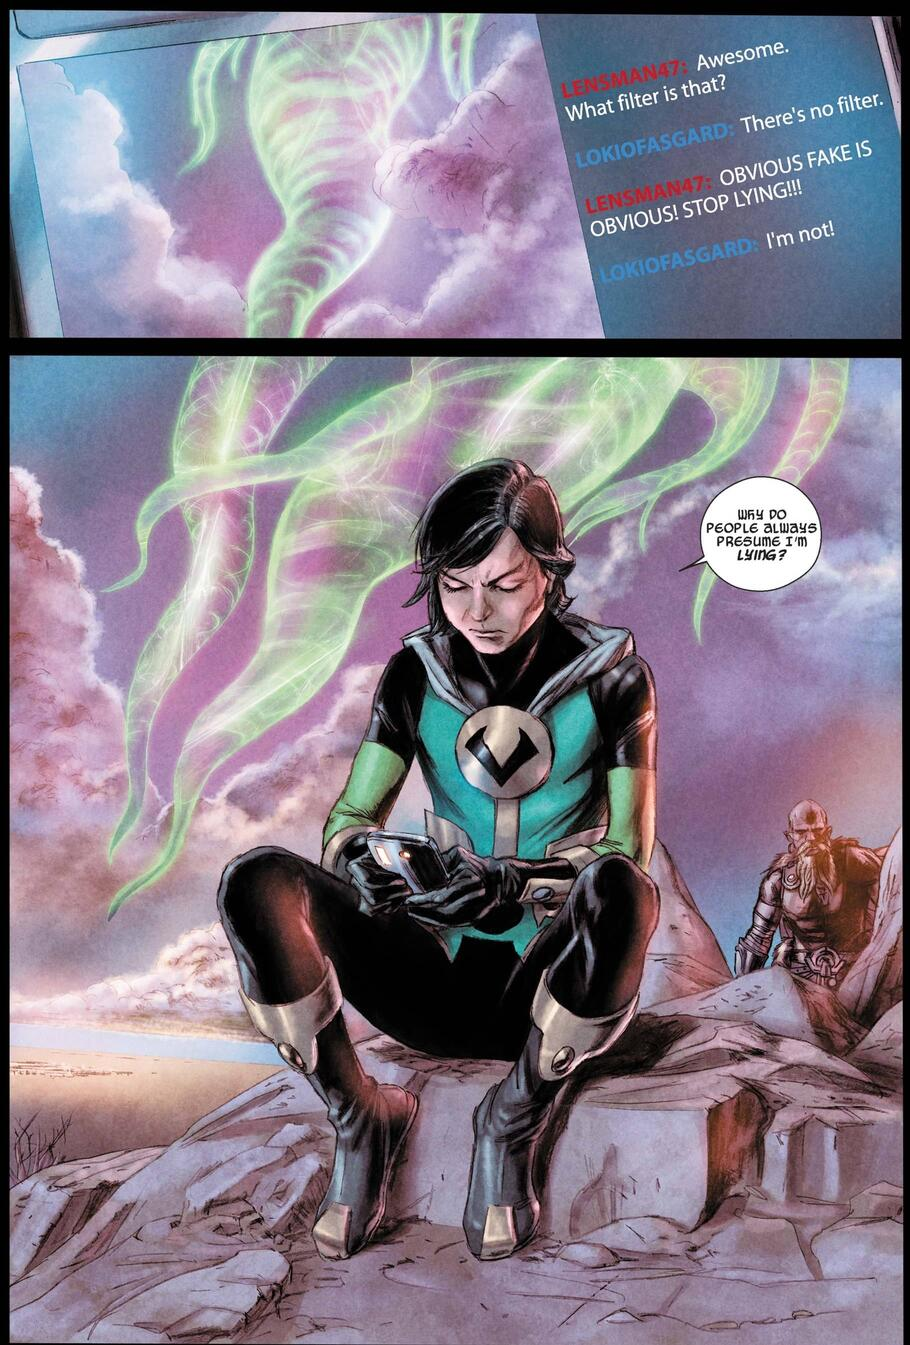 Kid Loki uses social media in JOURNEY INTO MYSTERY (2011) #622.